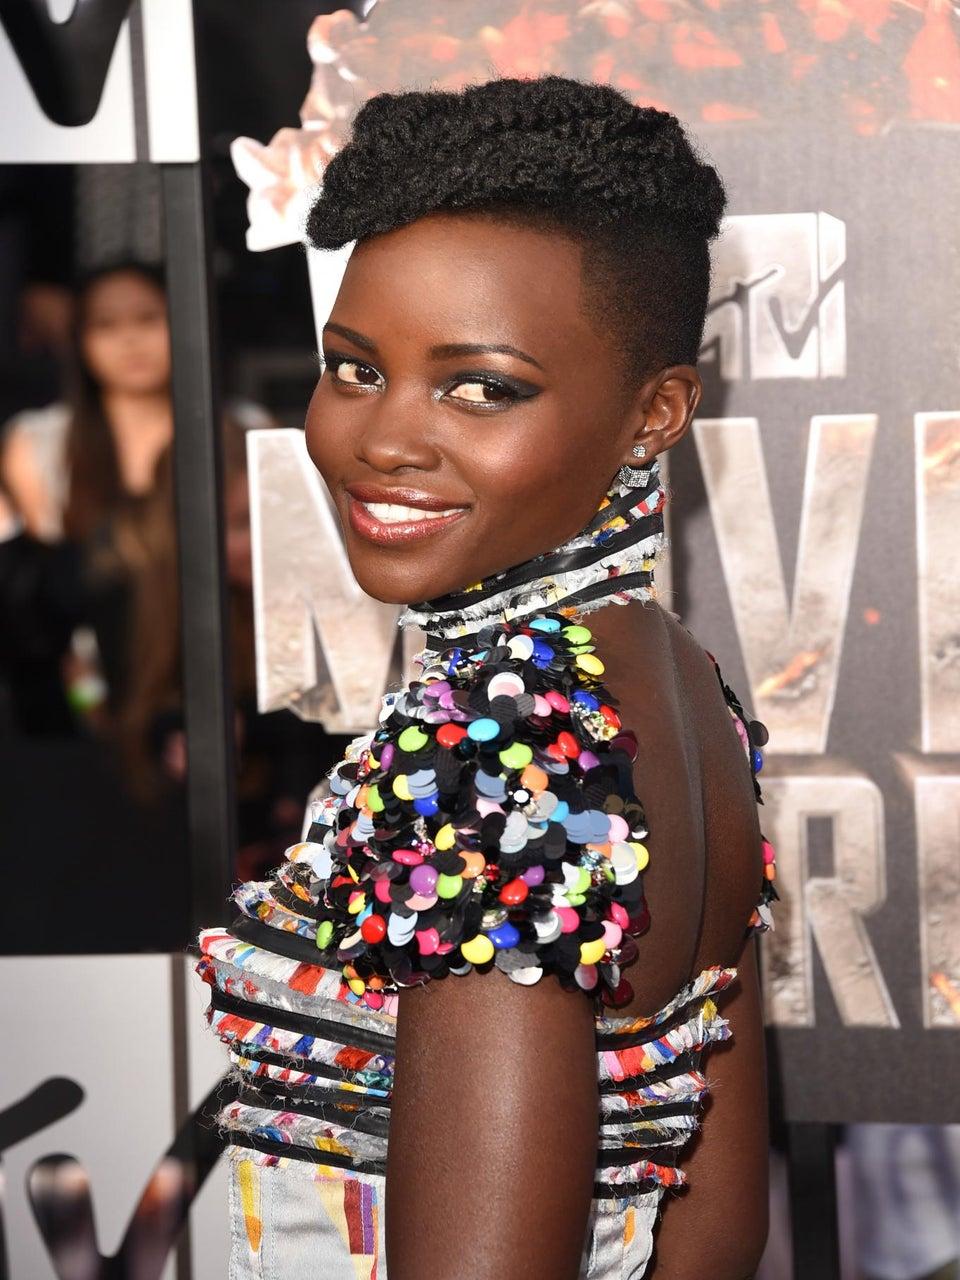 Get Lupita Nyong'o's Hair From The MTV Movie Awards